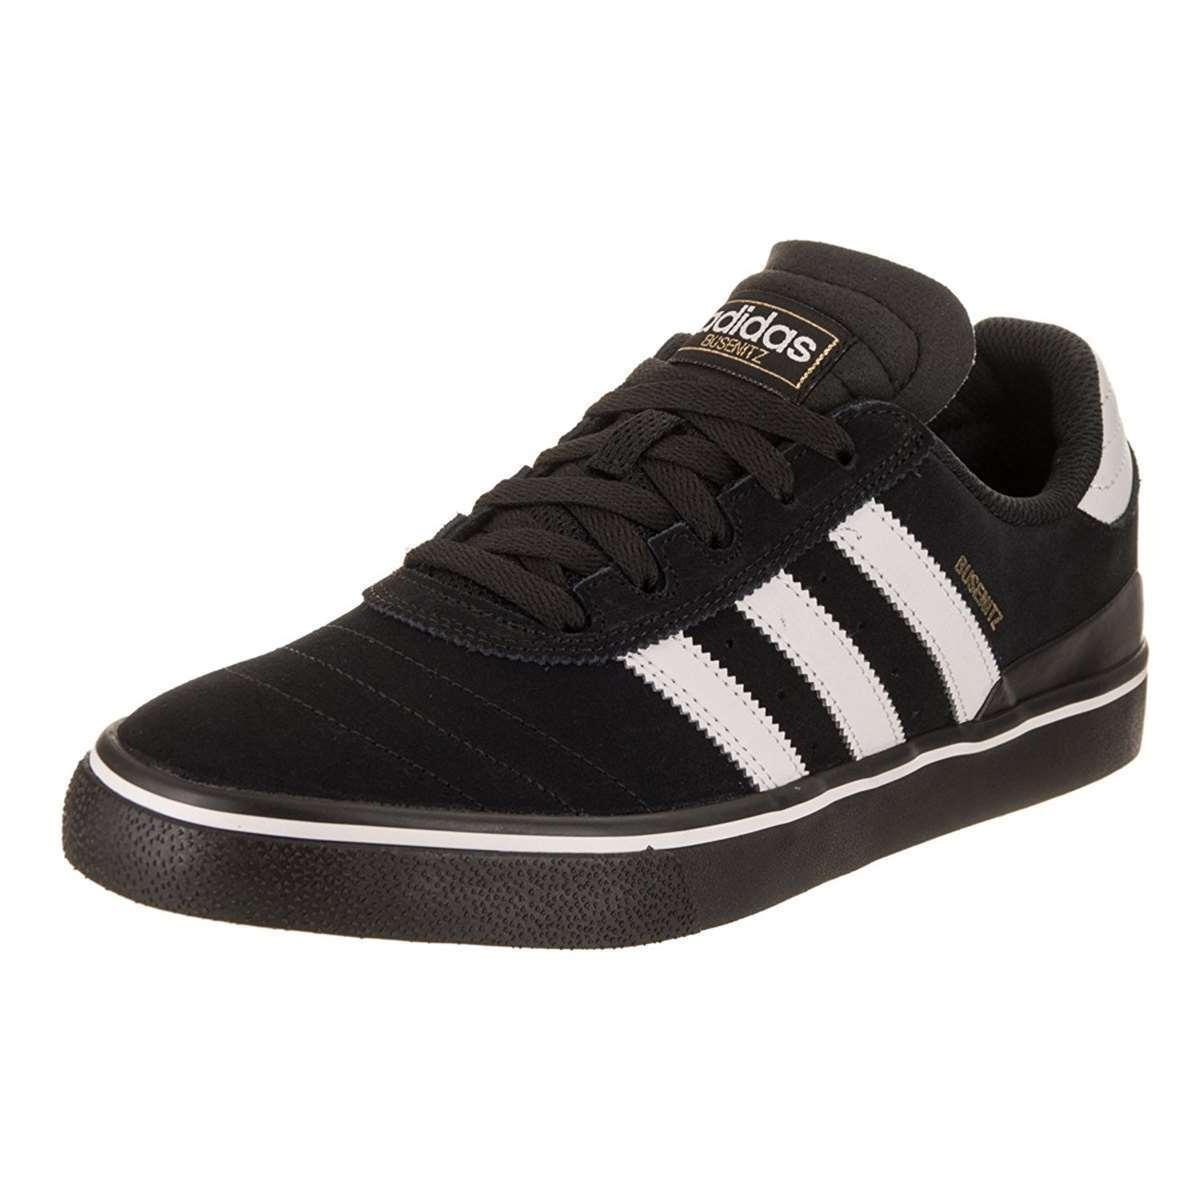 adidas männer busenitz vulc aus adv skateboard - mode aus vulc sneakers, schuhe 1e9e25